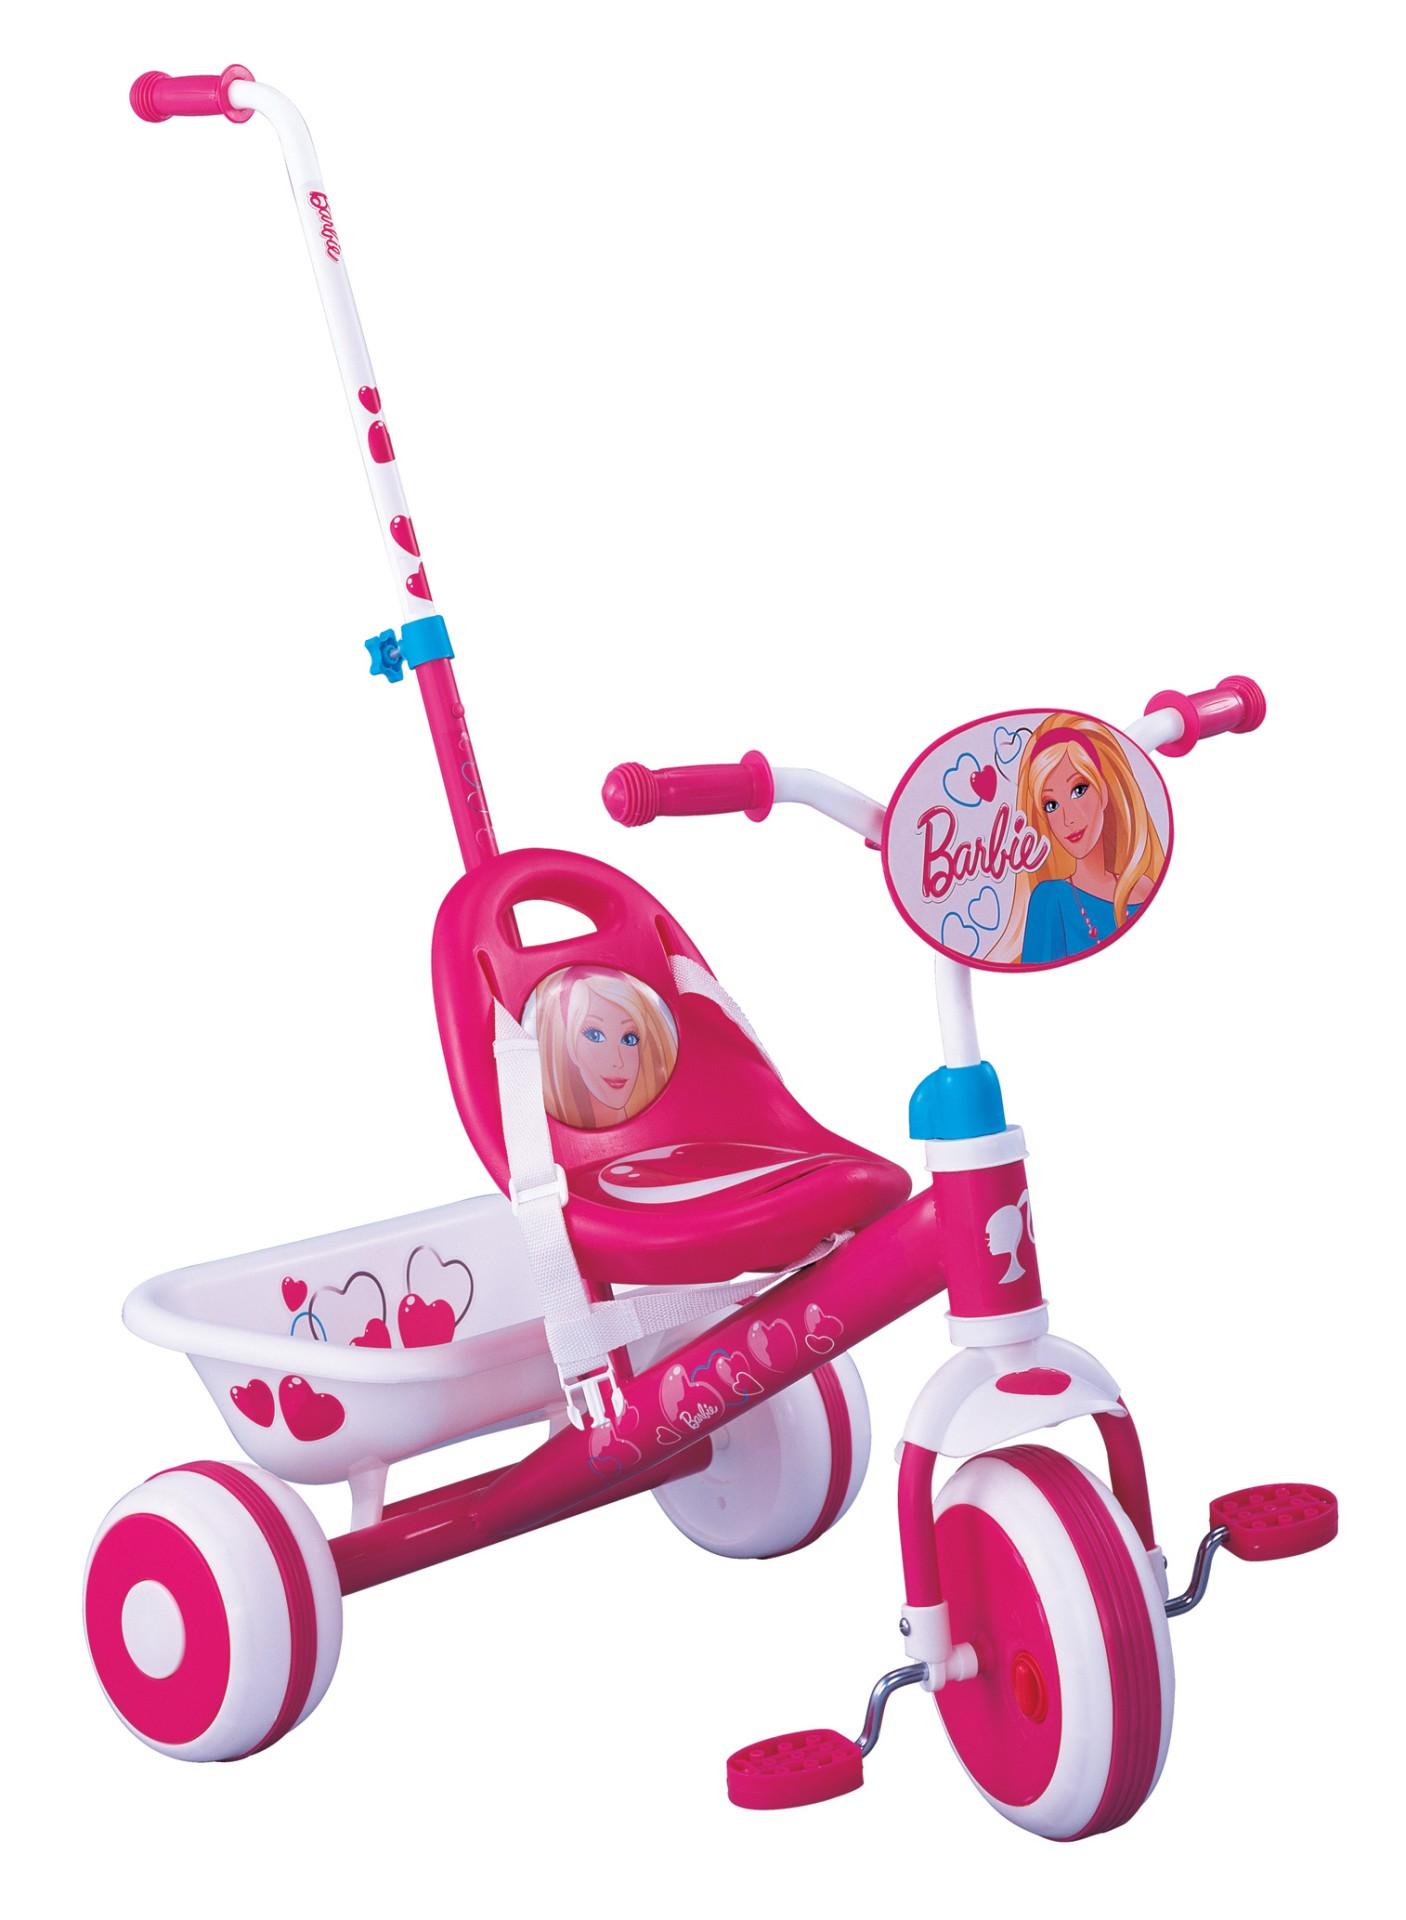 Dreirad Mit Schiebestange Barbie Dreirad Mit Schubstange